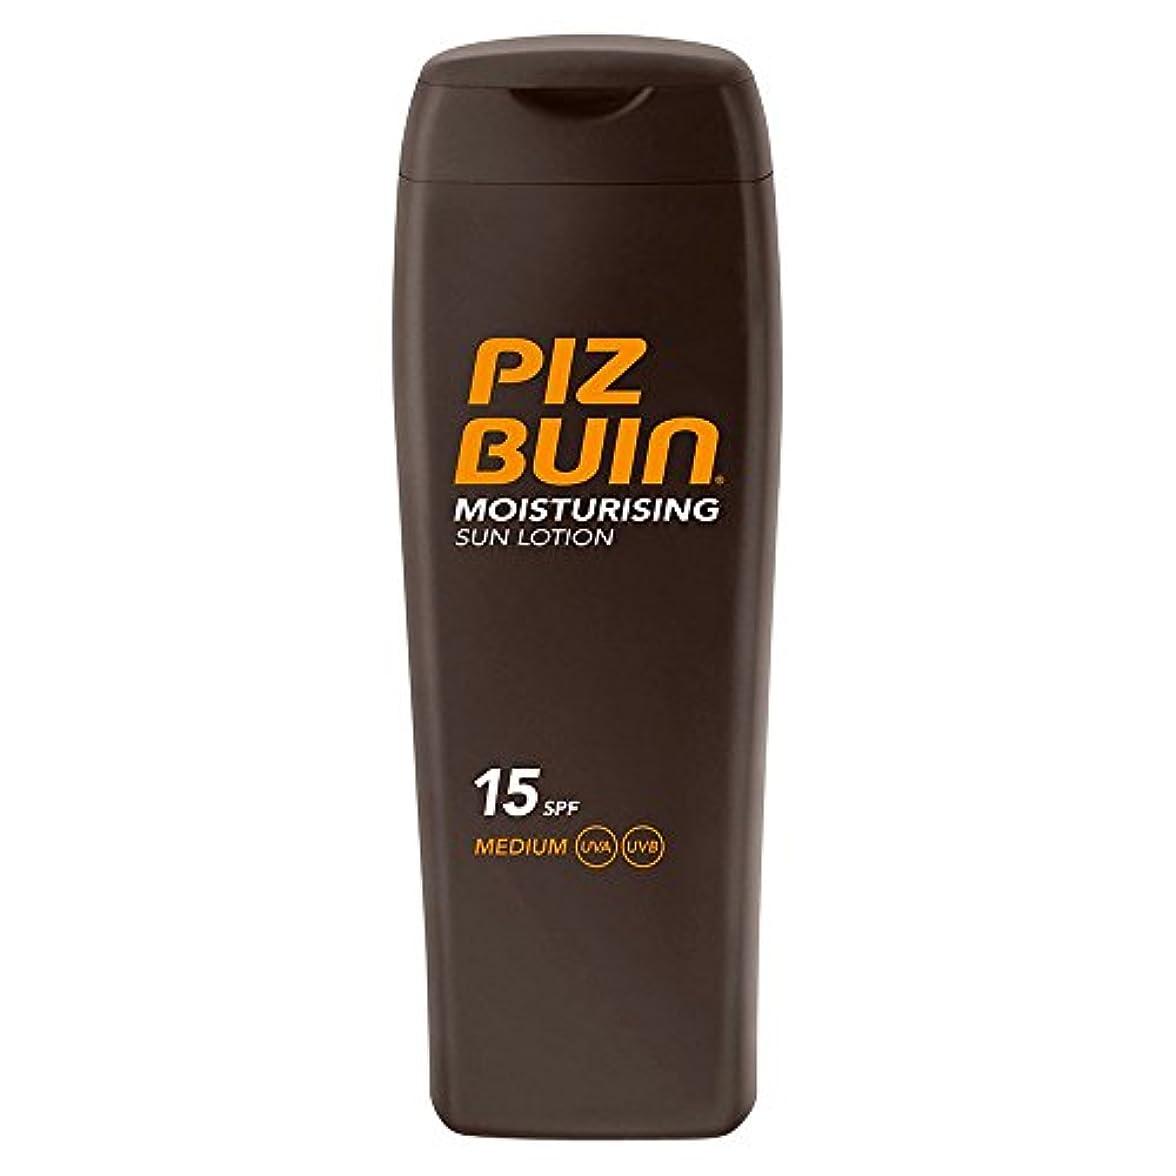 所持賠償やりすぎ日ローションSpf15の200ミリリットル中ピッツのブイン (Piz Buin) (x6) - Piz Buin In Sun Lotion SPF15 200ml (Pack of 6) [並行輸入品]